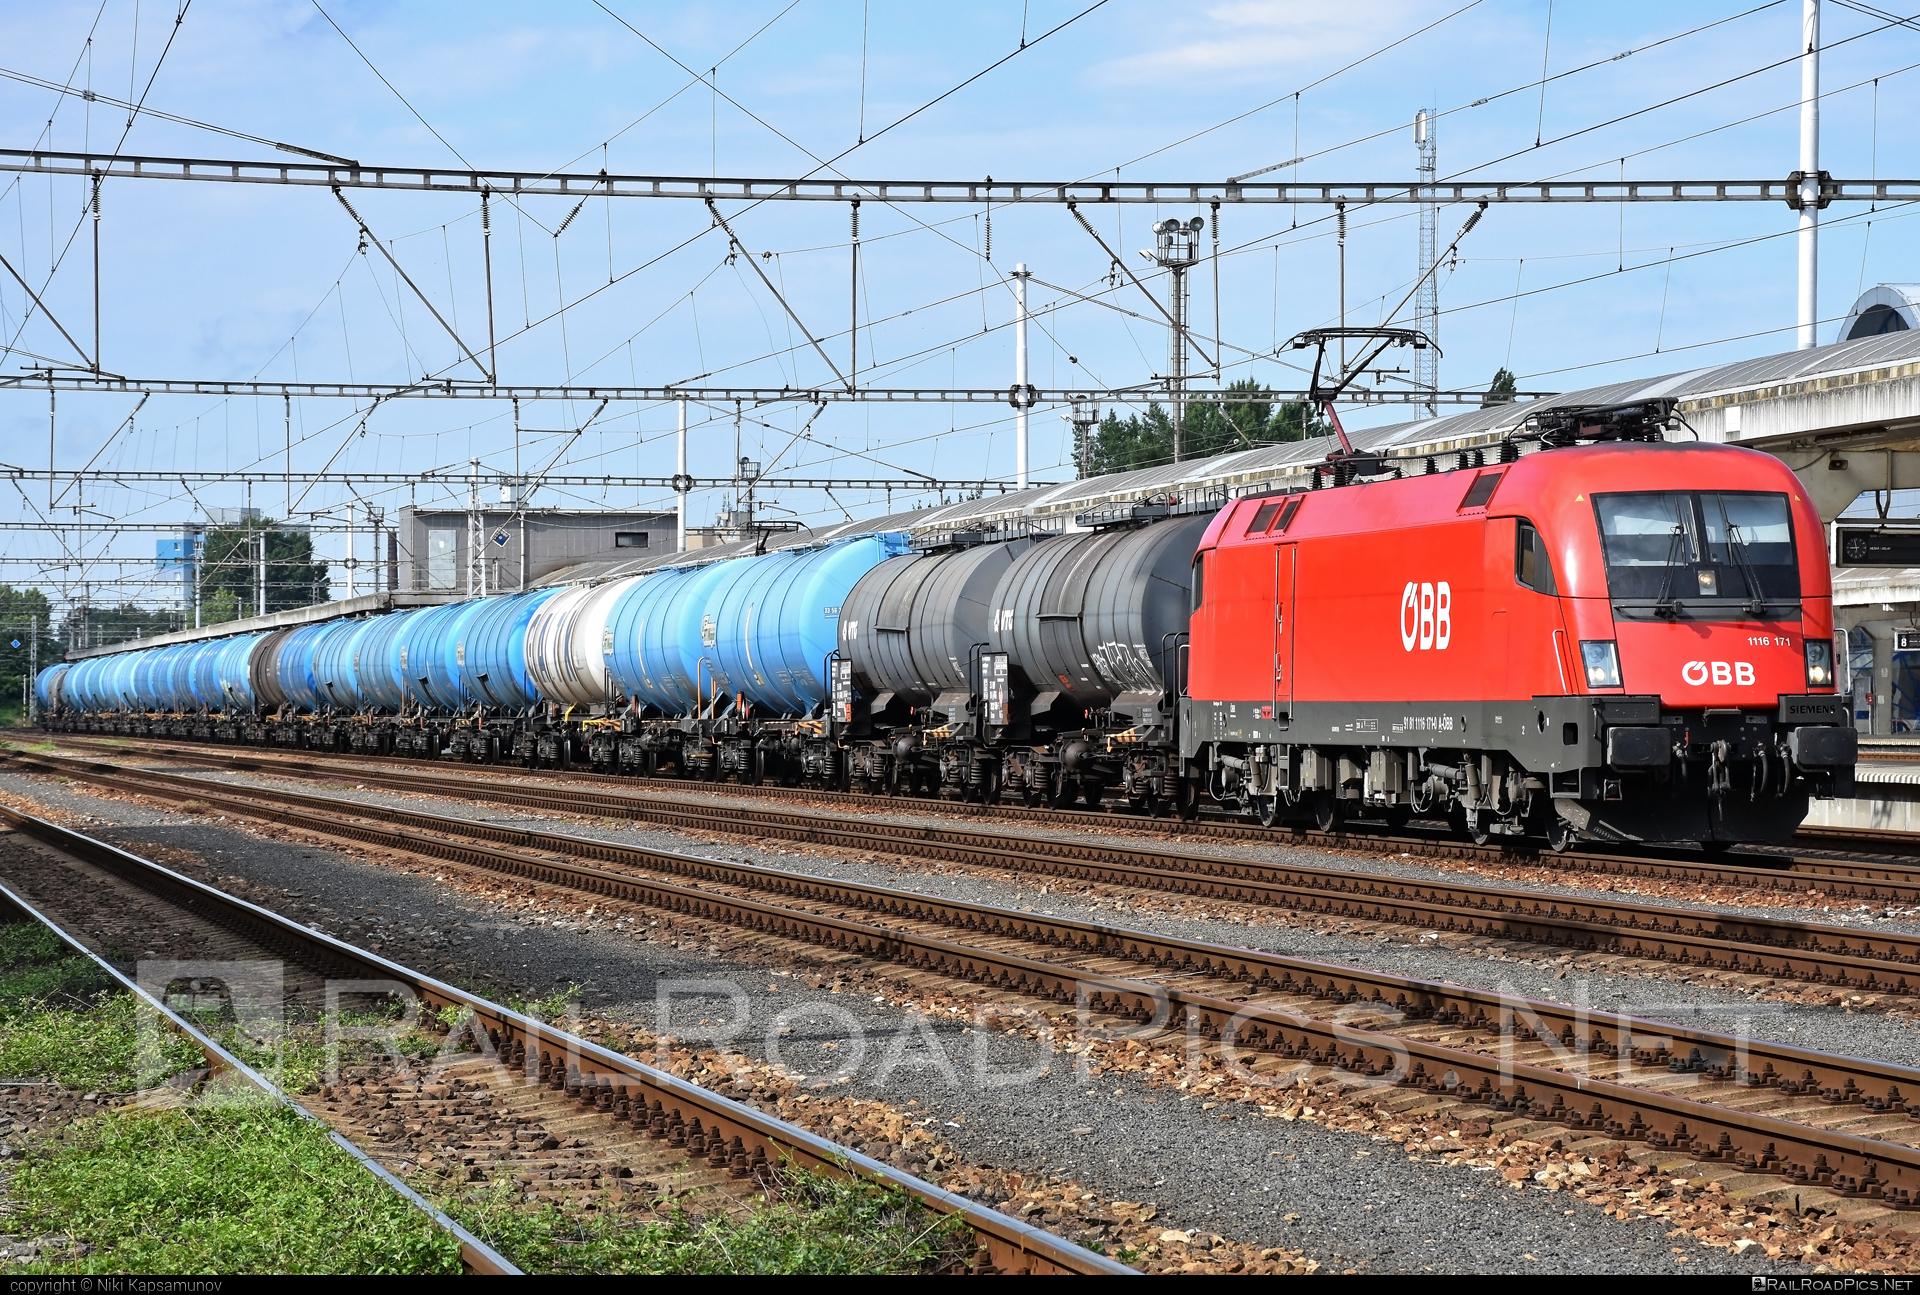 Siemens ES 64 U2 - 1116 171 operated by Rail Cargo Austria AG #es64 #es64u #es64u2 #eurosprinter #kesselwagen #obb #osterreichischebundesbahnen #rcw #siemens #siemenses64 #siemenses64u #siemenses64u2 #siemenstaurus #tankwagon #taurus #tauruslocomotive